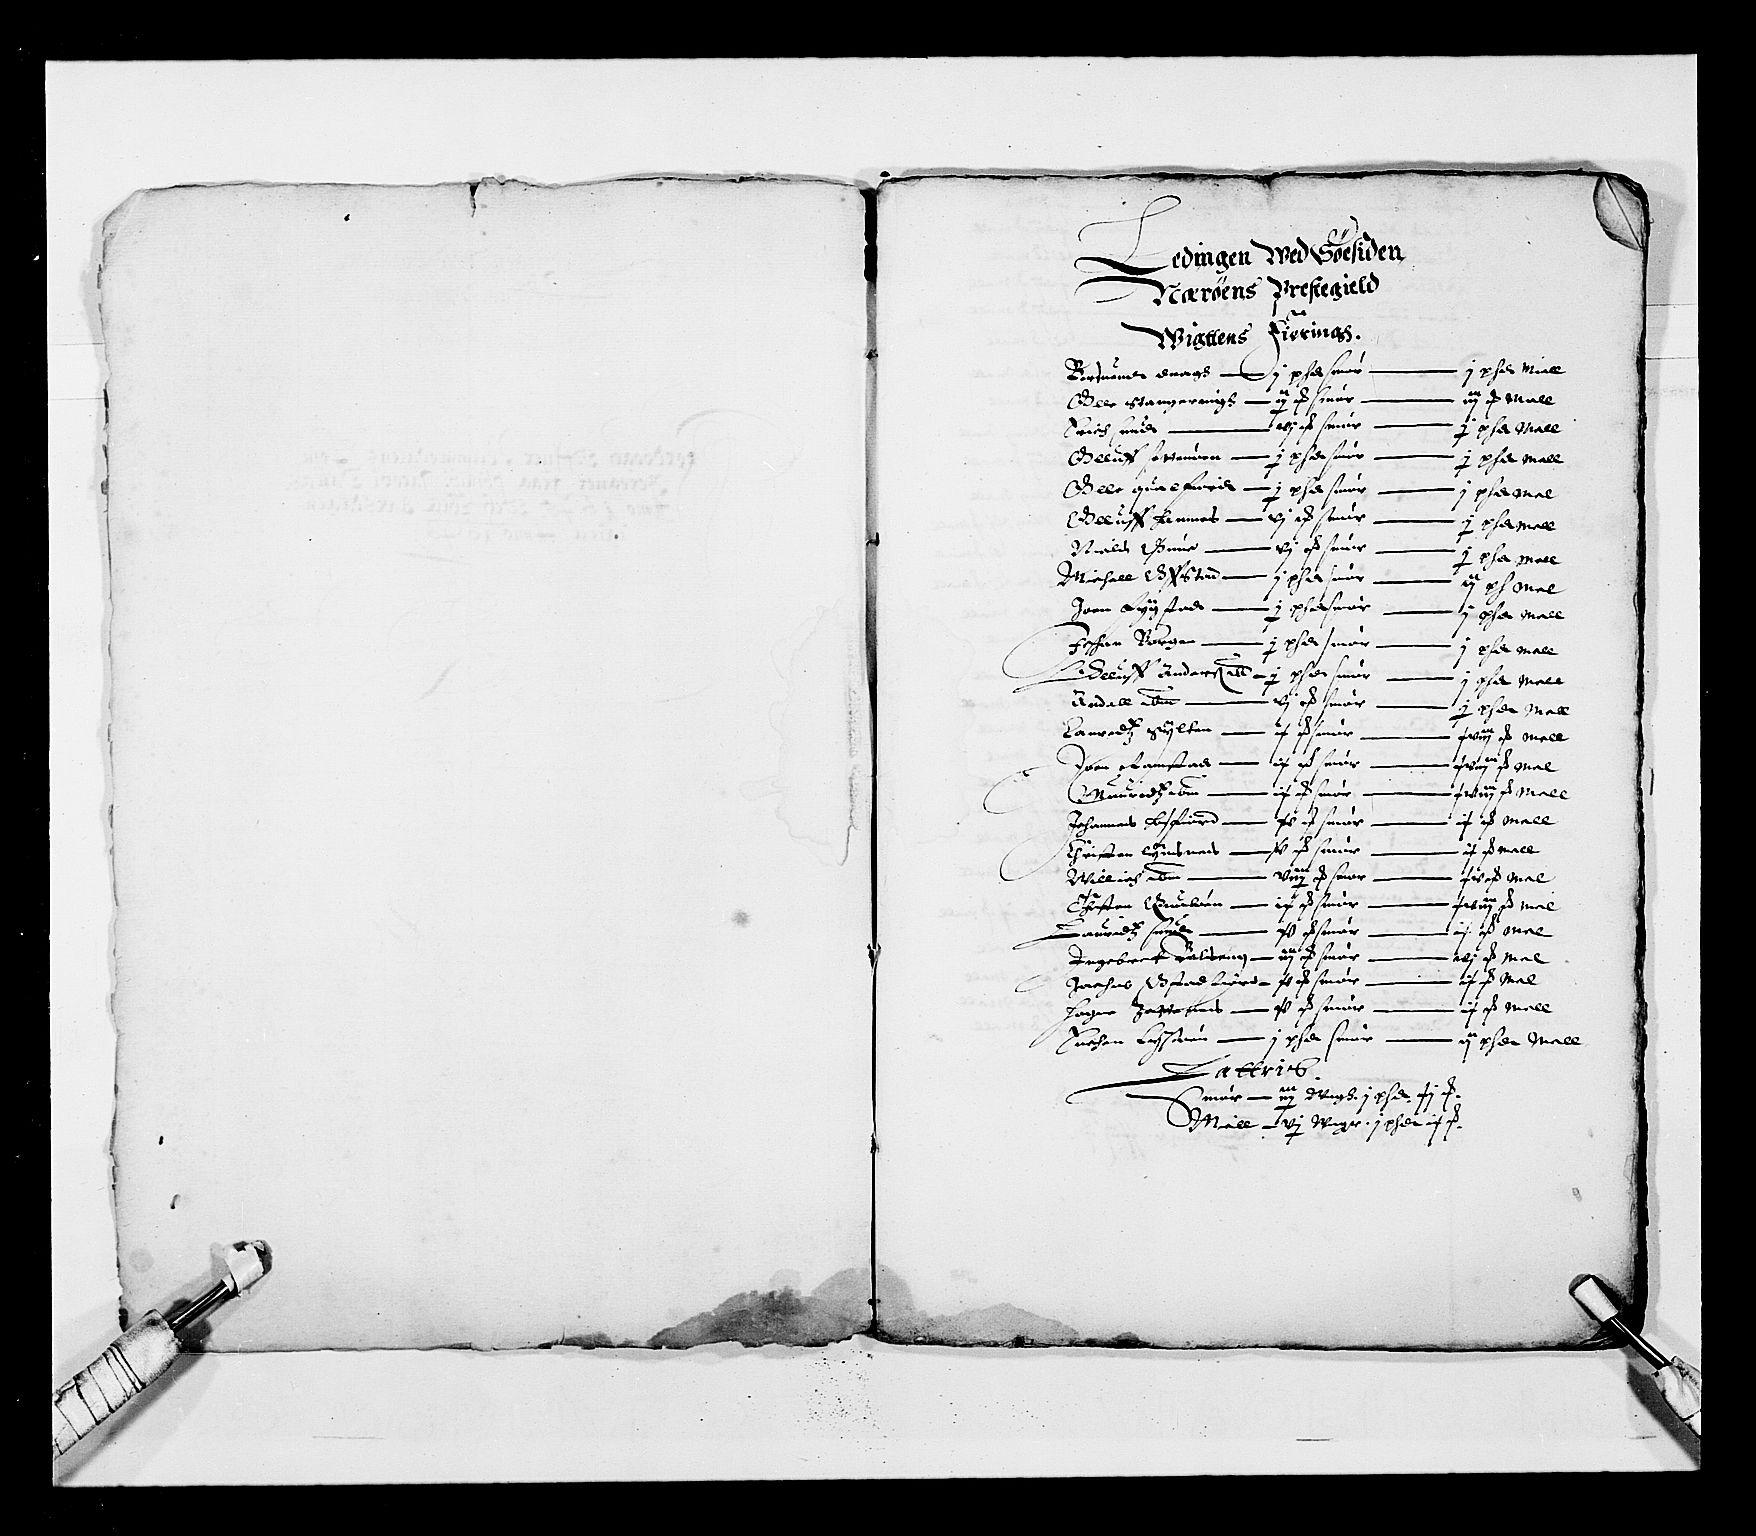 RA, Stattholderembetet 1572-1771, Ek/L0028: Jordebøker 1633-1658:, 1645-1646, s. 82